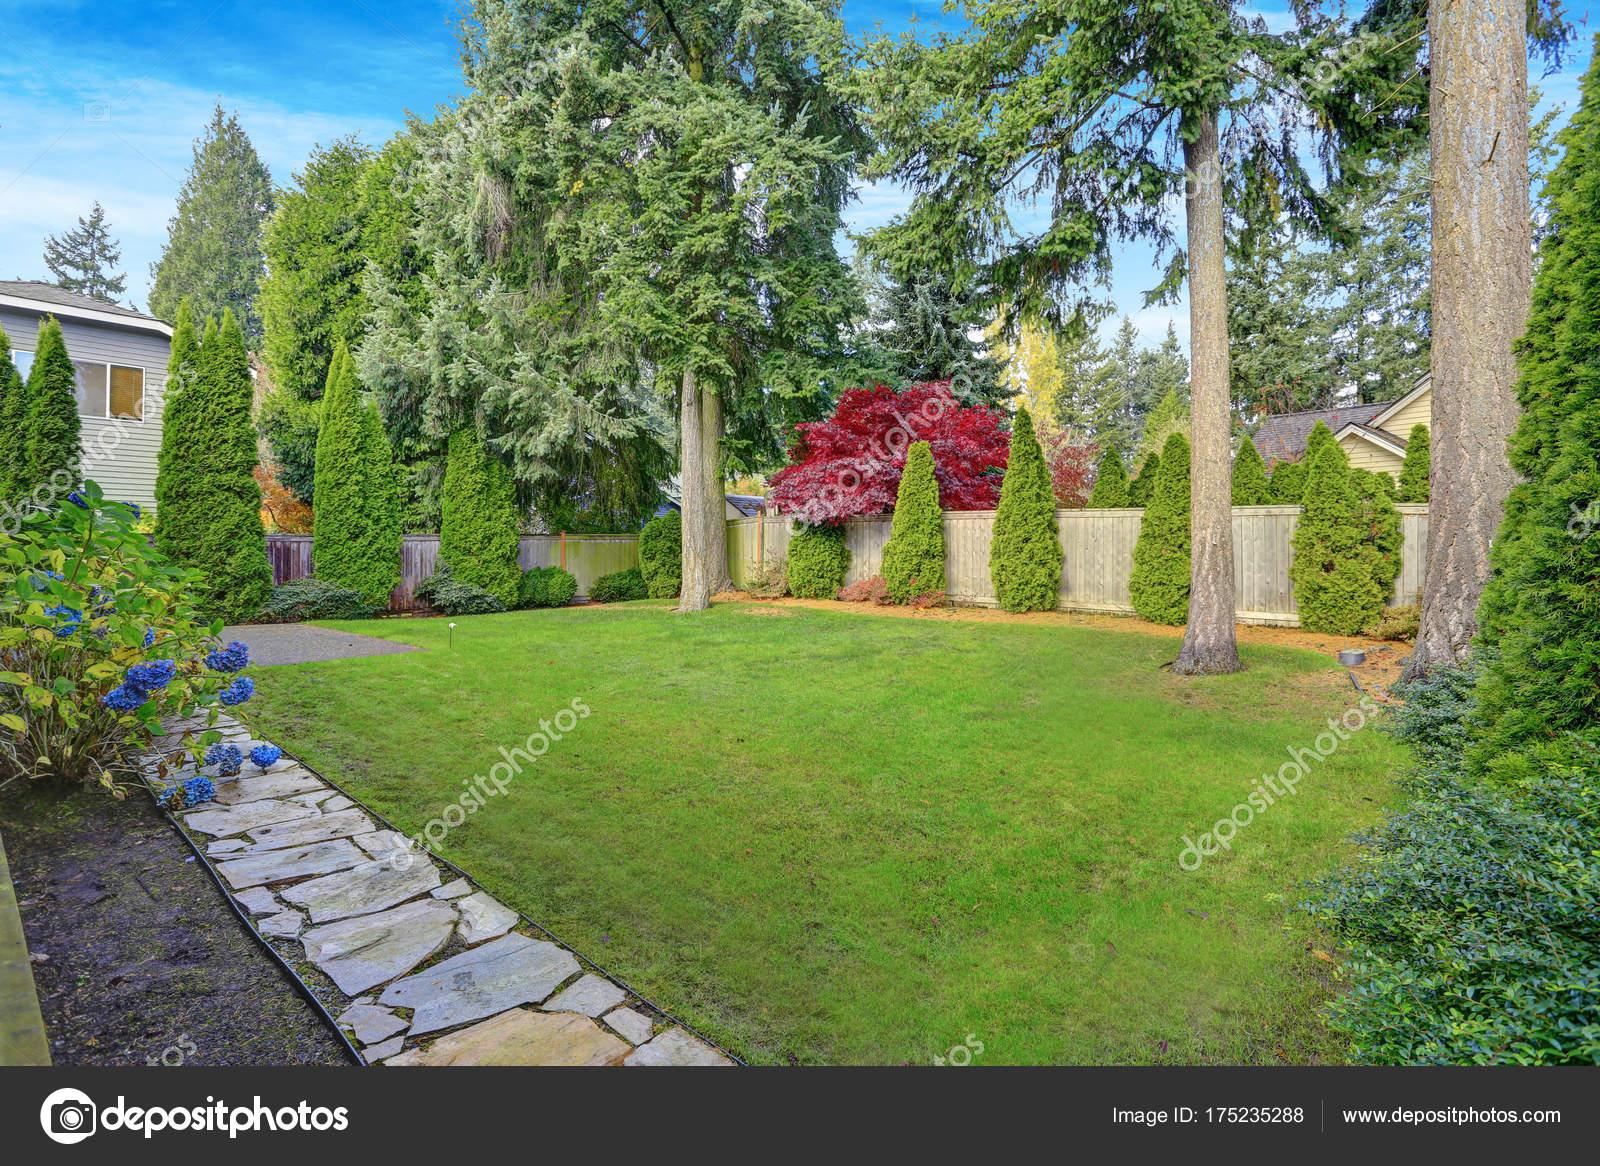 Fabelhaft Schöne Terrassen Und Gartengestaltung Beste Wahl Schöne Landschaft Mit Gepflegten Grünen Rasen Garten,